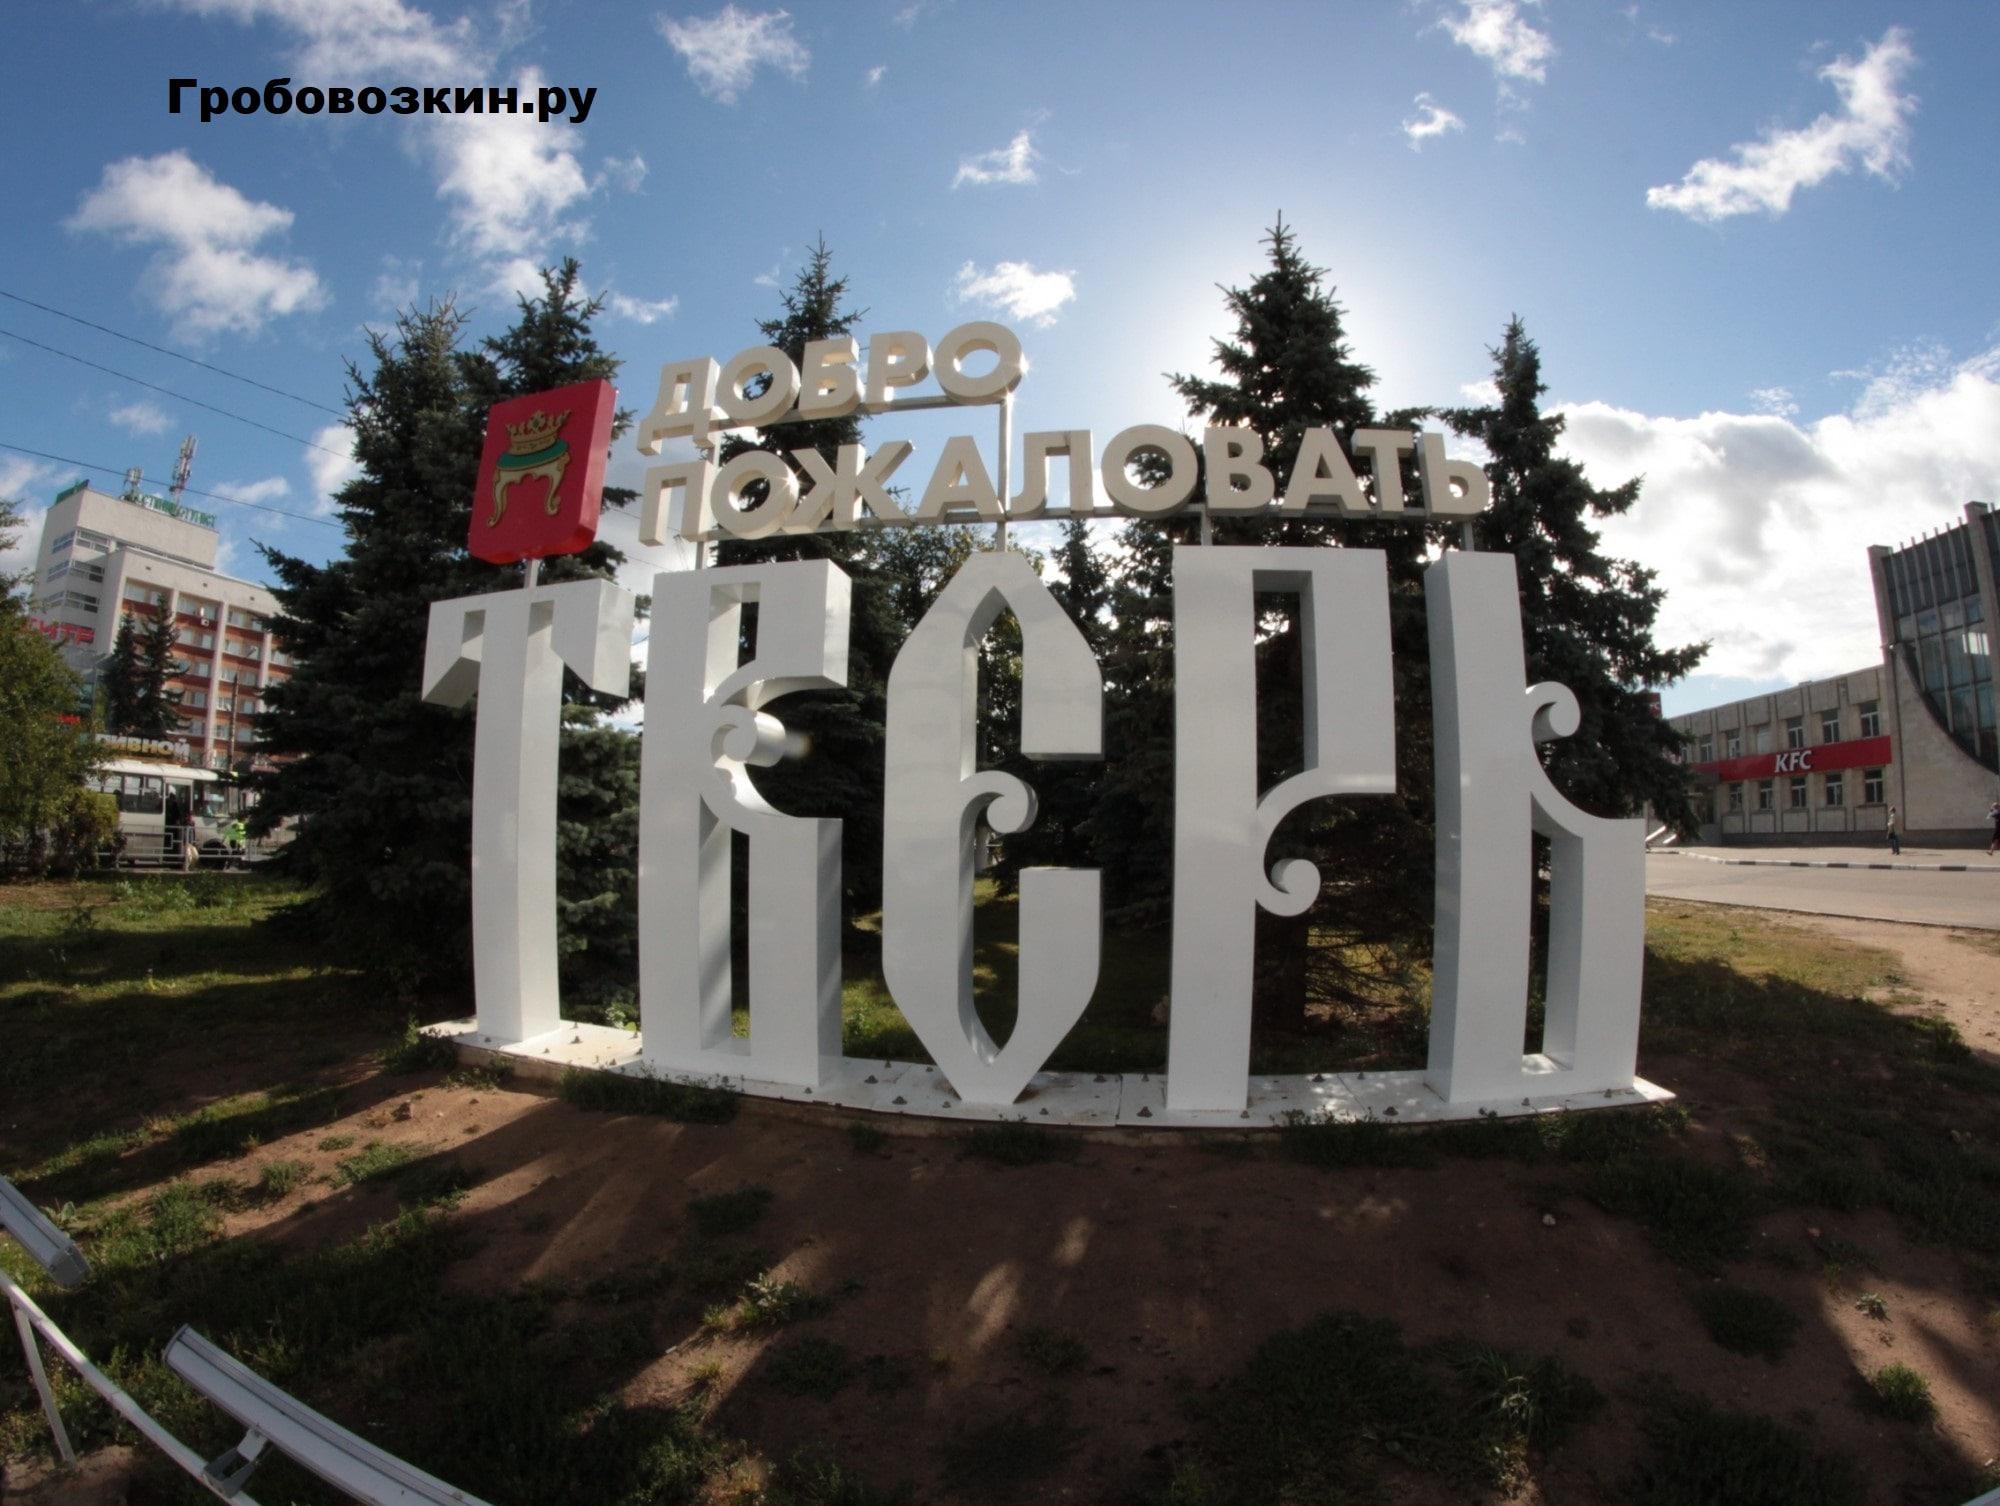 Перевозка умершего, умершей, гроба, груза 200 Москва Тверь.